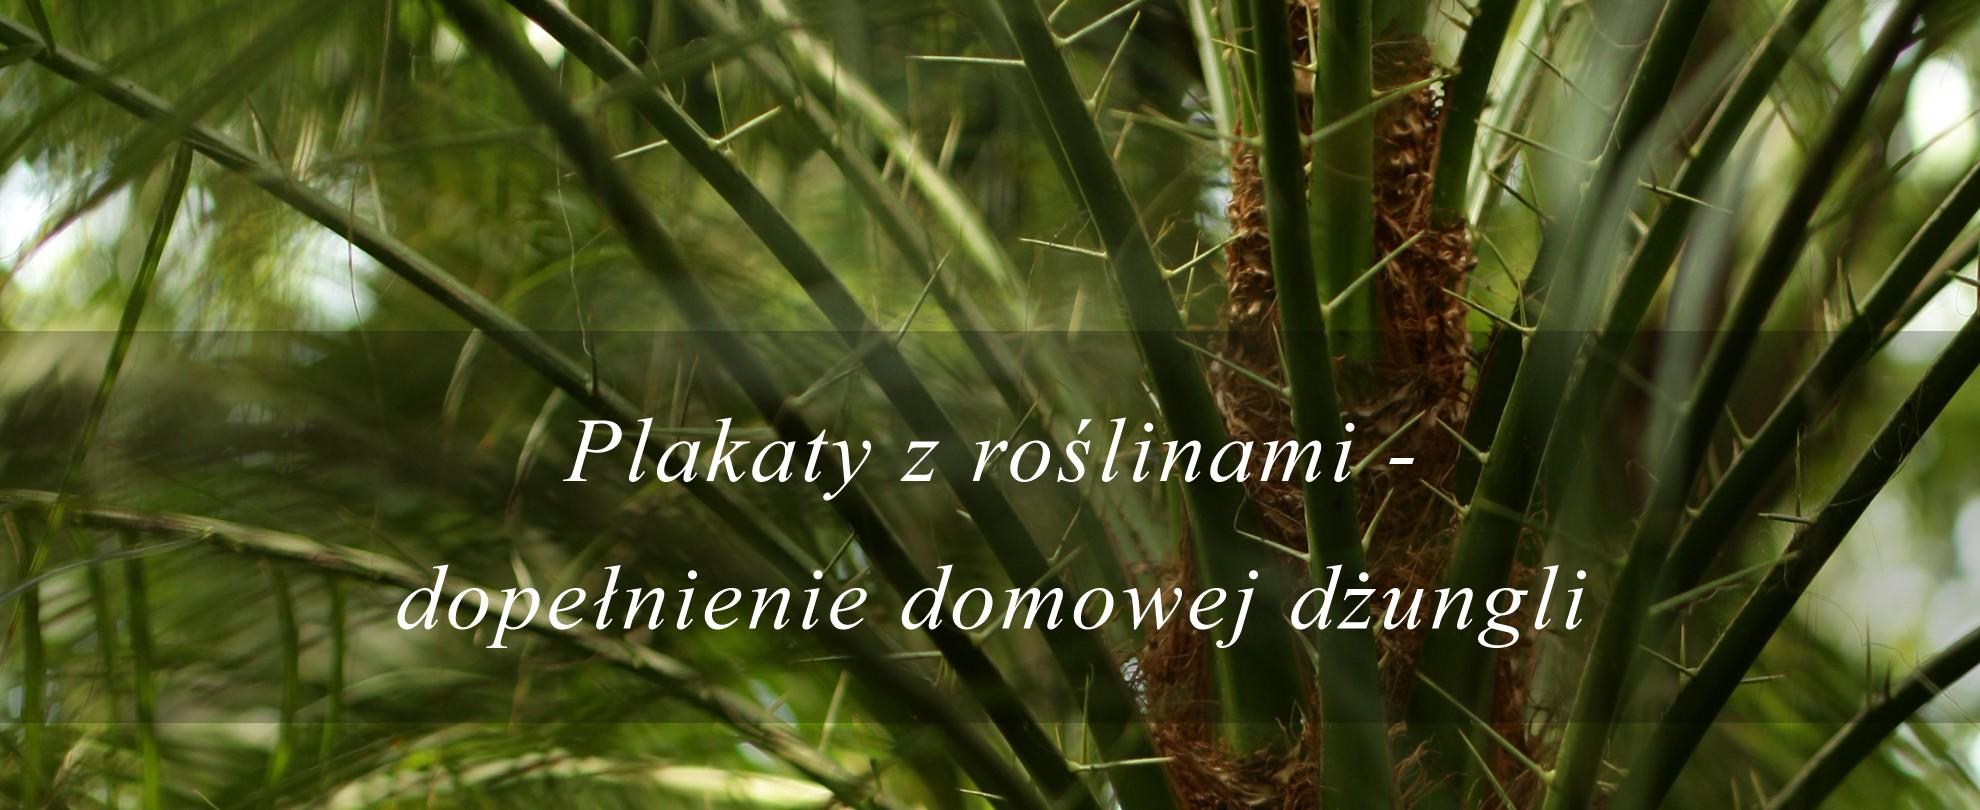 Plakaty z roślinami do domowej dżungli